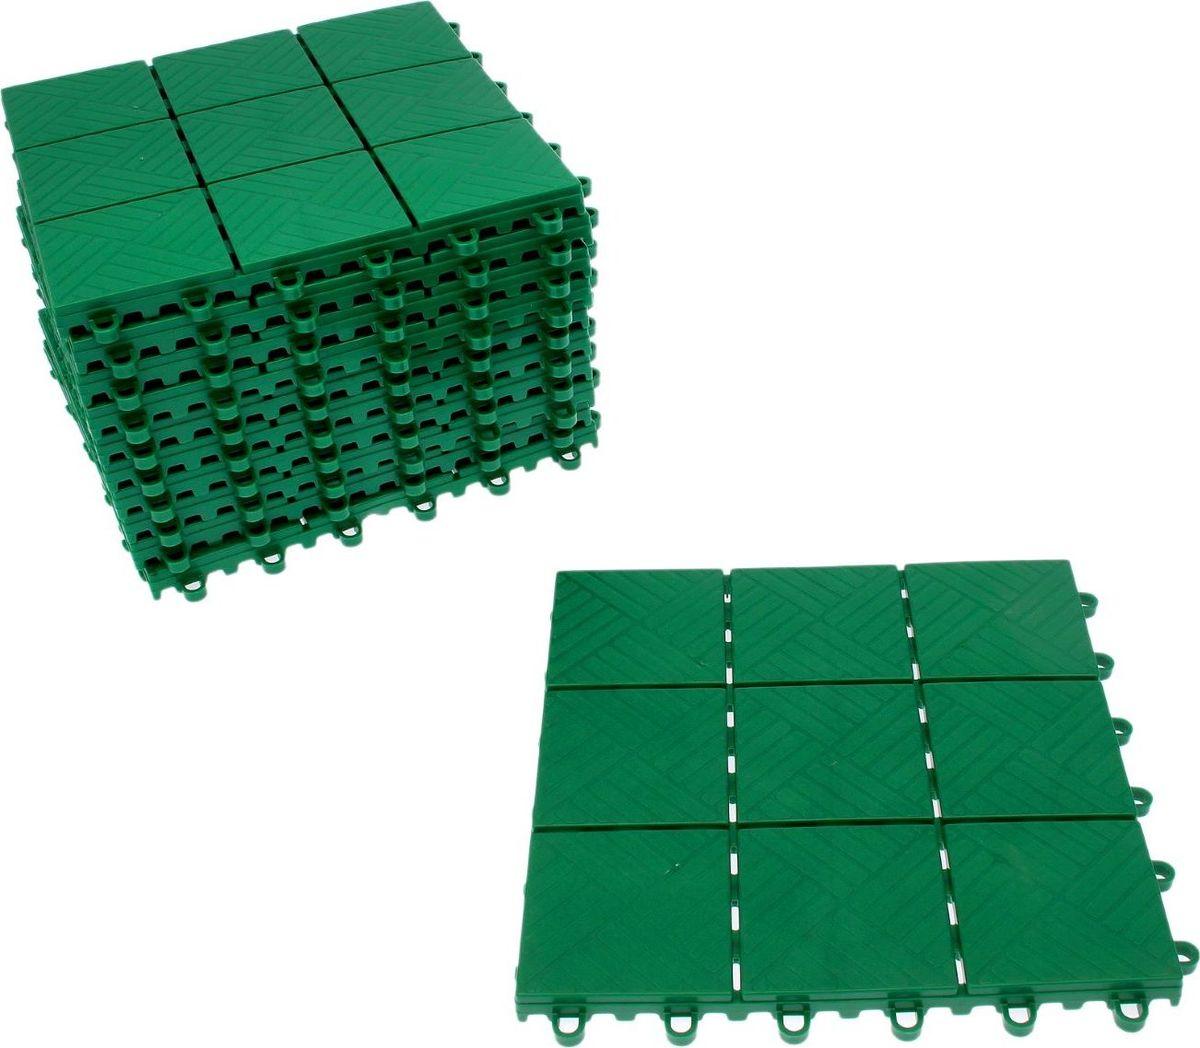 Плитка садовая, цвет: зеленый, 30 х 30 см, 11 шт - Аксессуары для сада и огорода